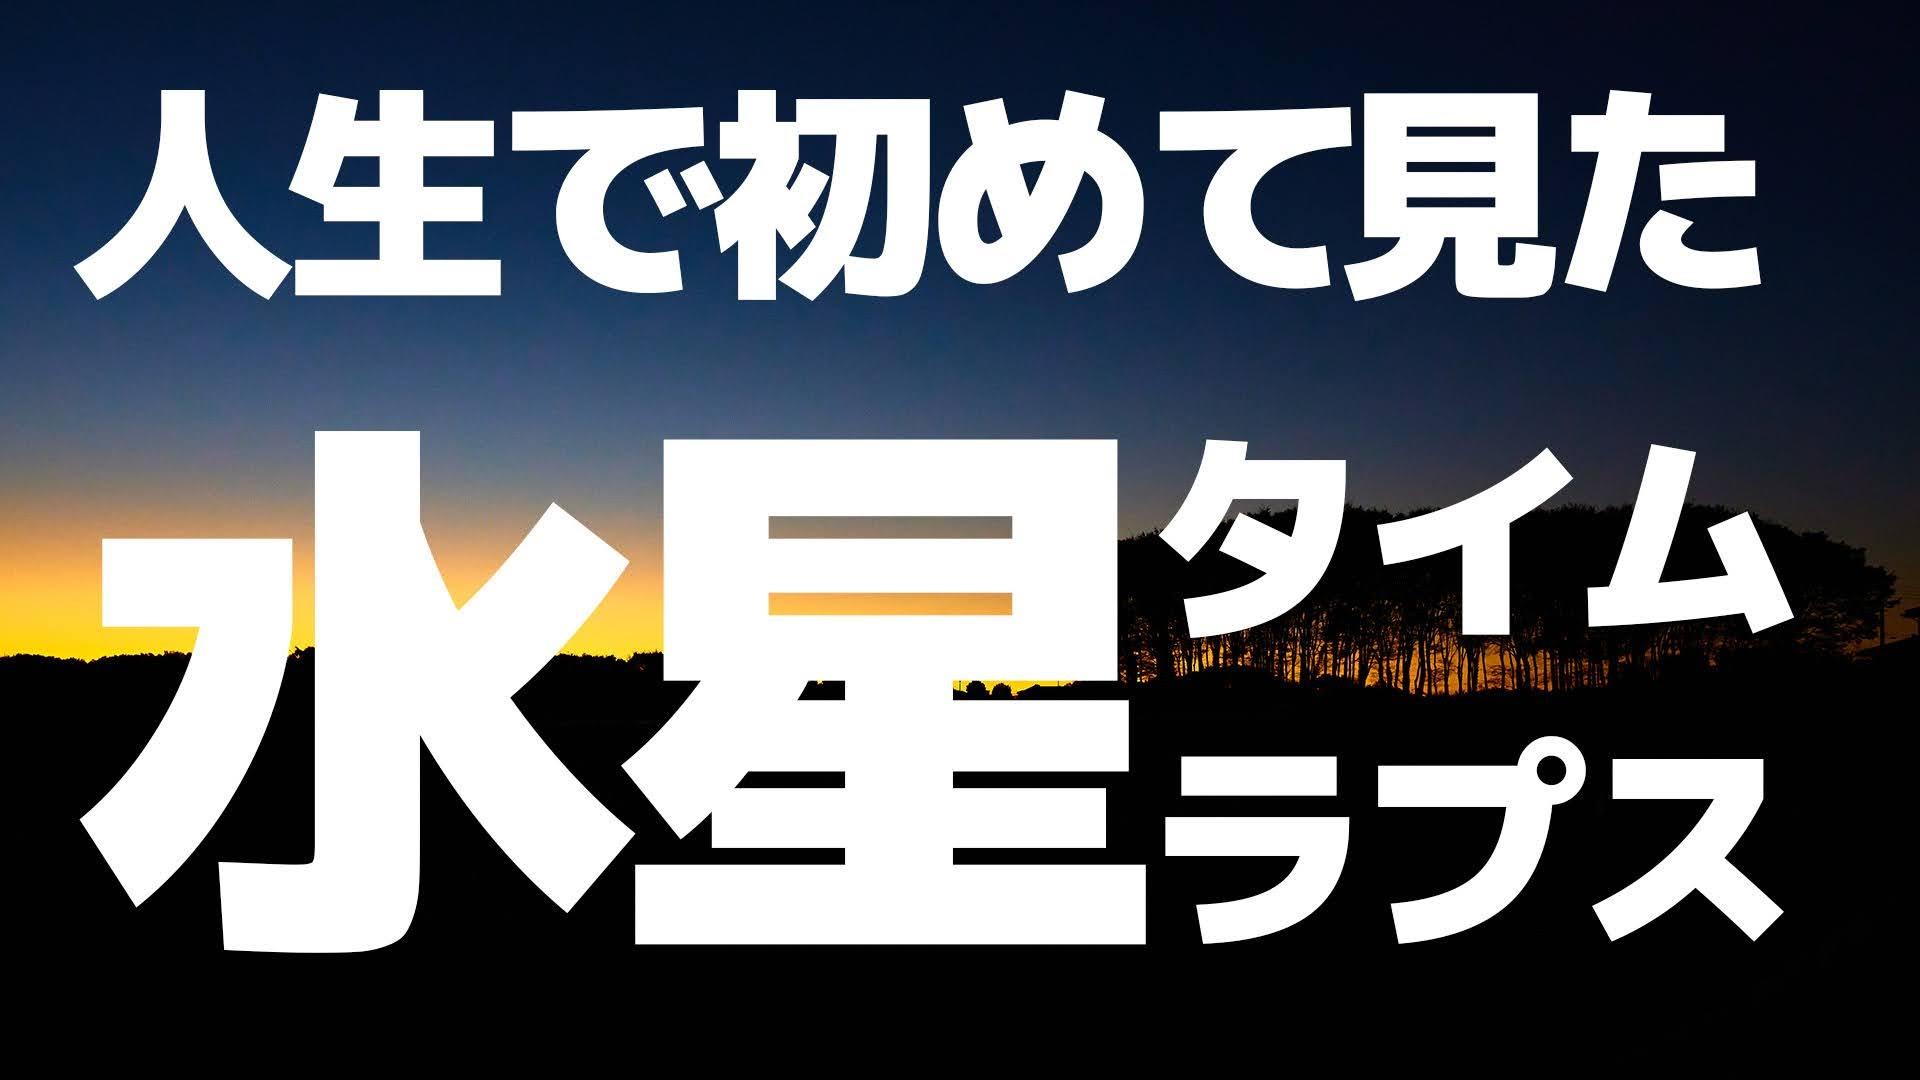 【4K】人生で初めて見た水星!埼玉県寄居町にて撮影(11月11日の明け方)[タイムラプス動画]